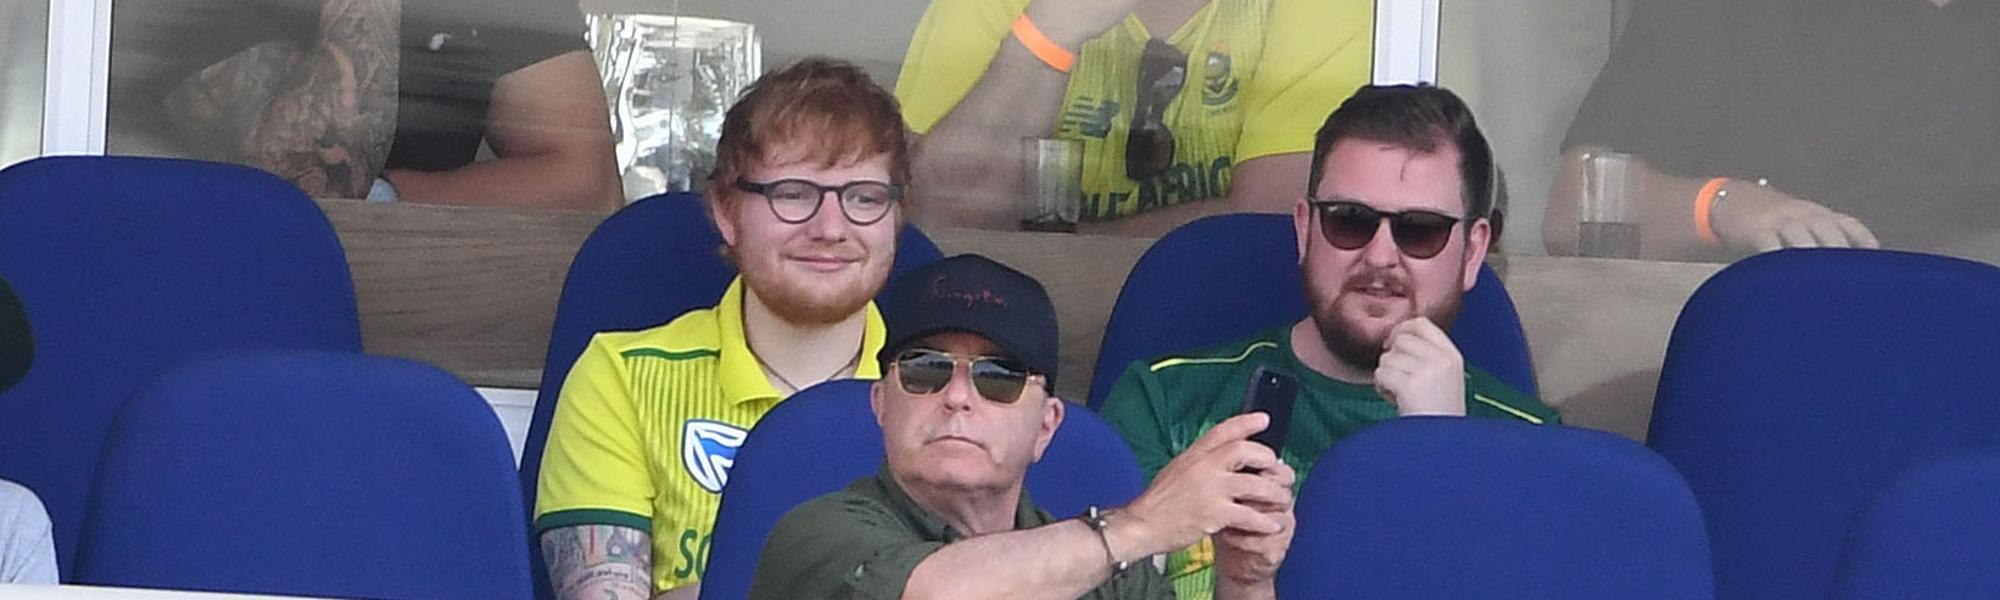 Ed Sheeran at Protea game